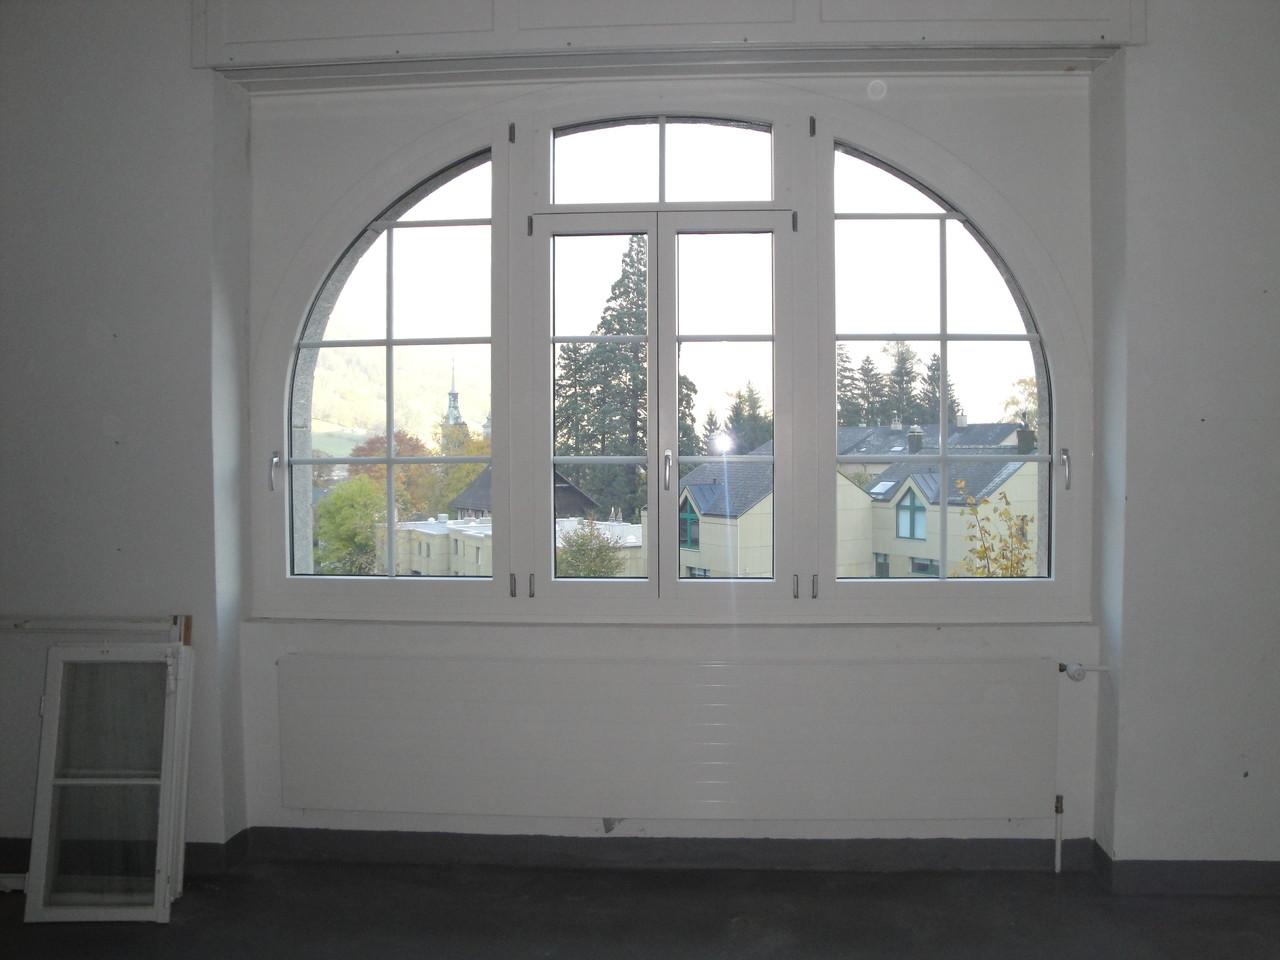 Fenster, Glarus